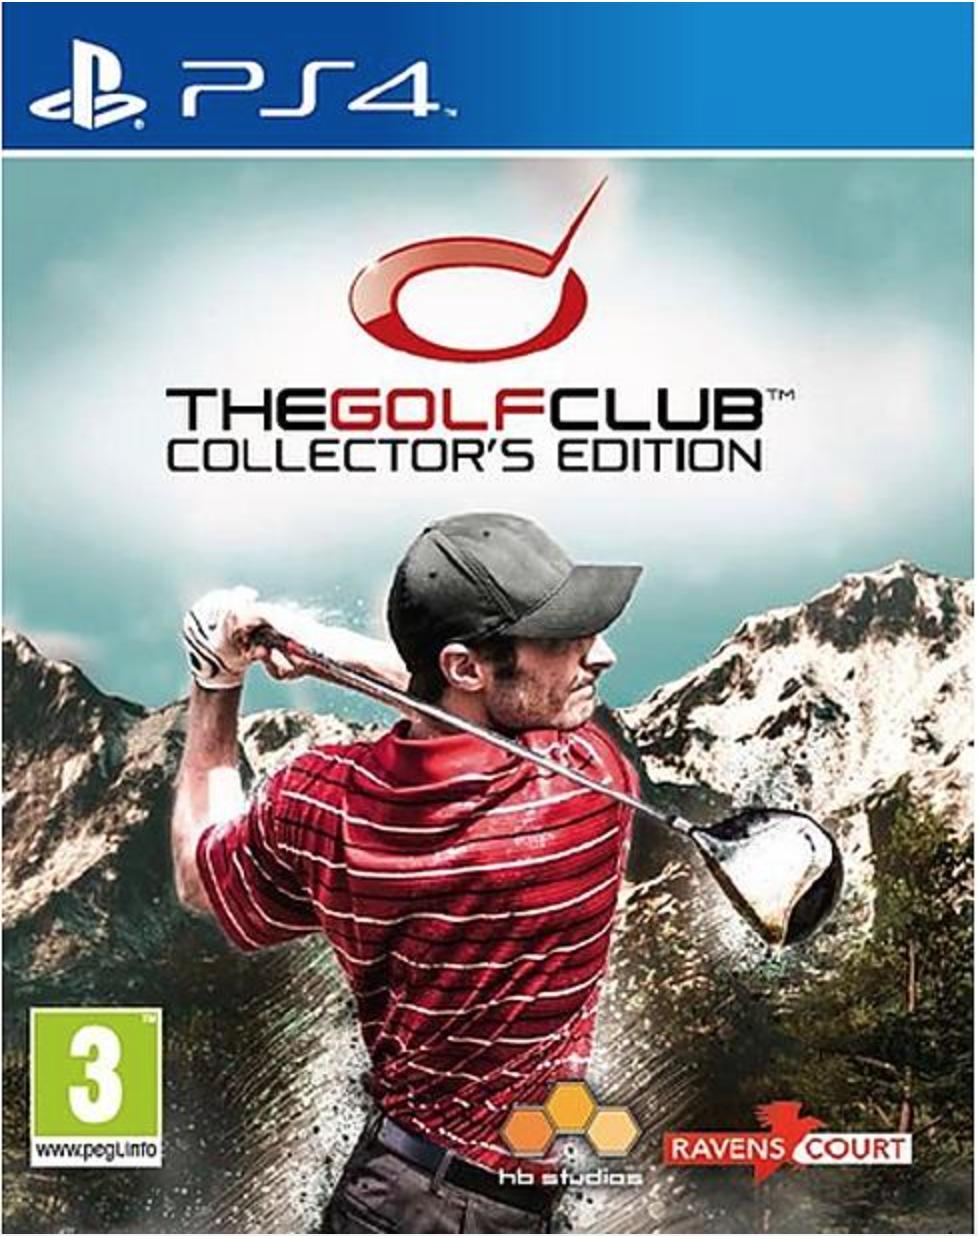 Boxart van The Golf Club Collectors Edition (PS4), Hb Studios